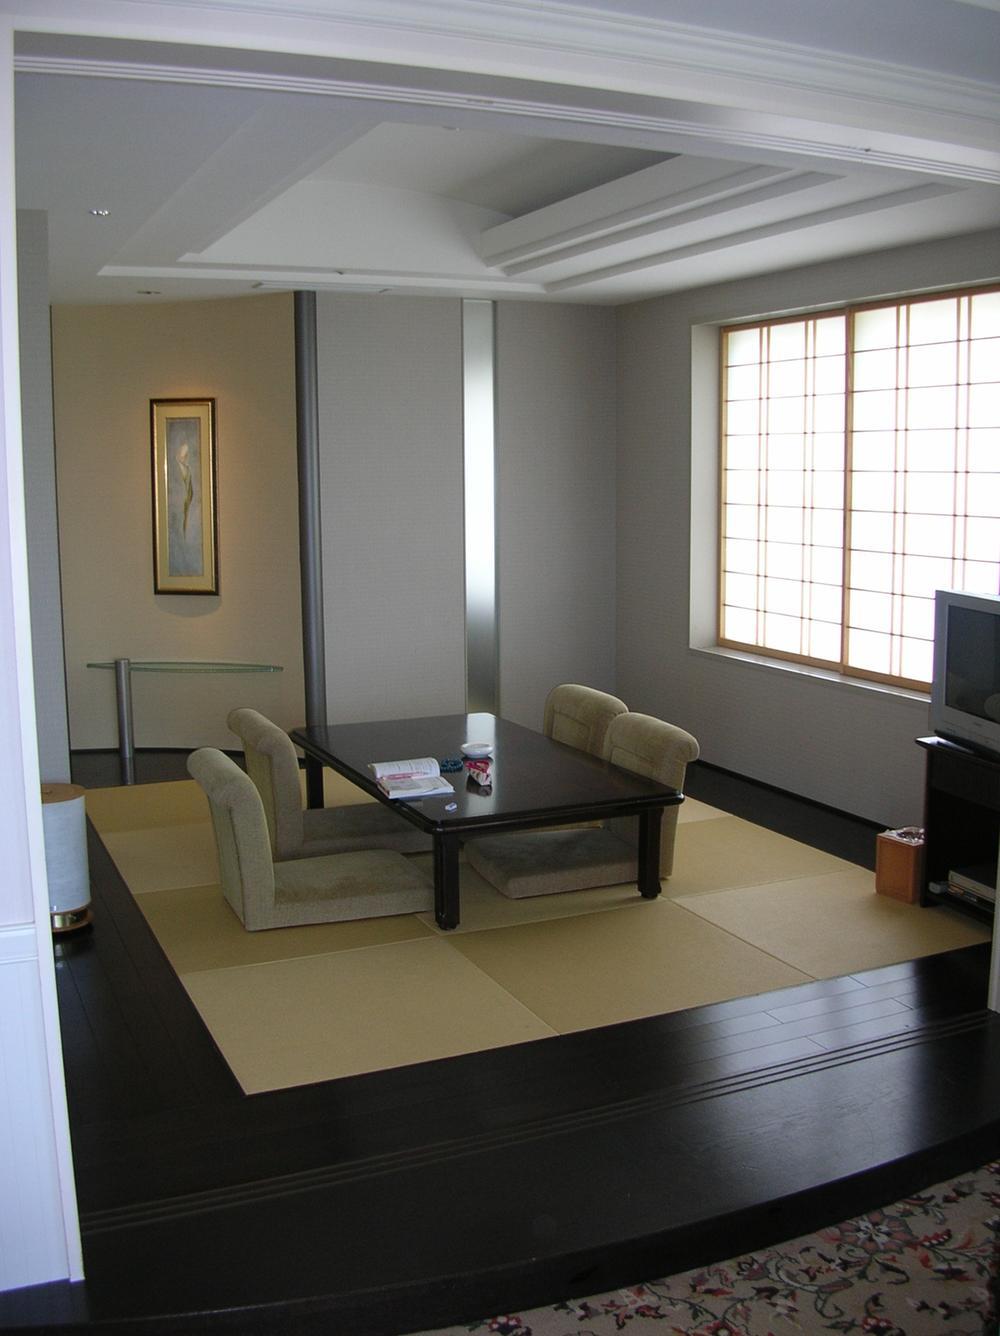 建物プラン例(D号地)建物価格2000万円、建物面積120m<sup>2</sup>